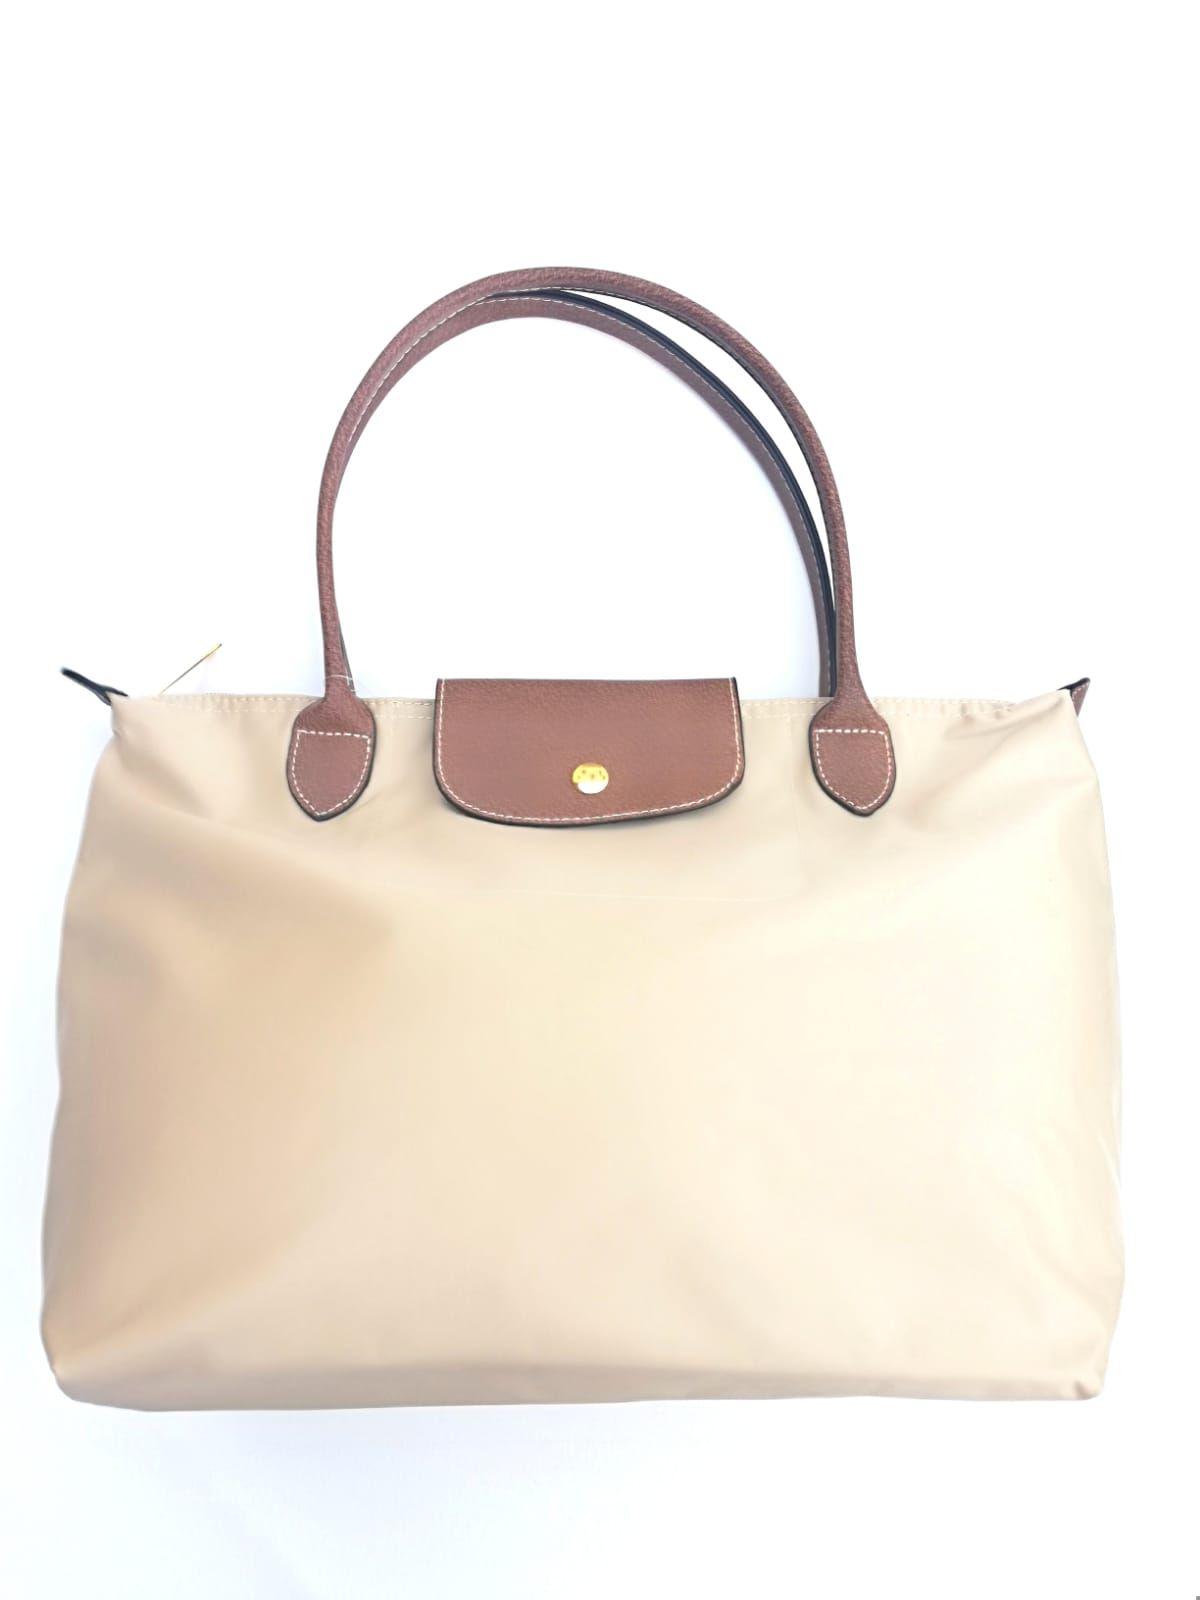 84a452dbf Bolso shopper mediano beige con asas y cierre imitación piel marrón  tendencia complementos